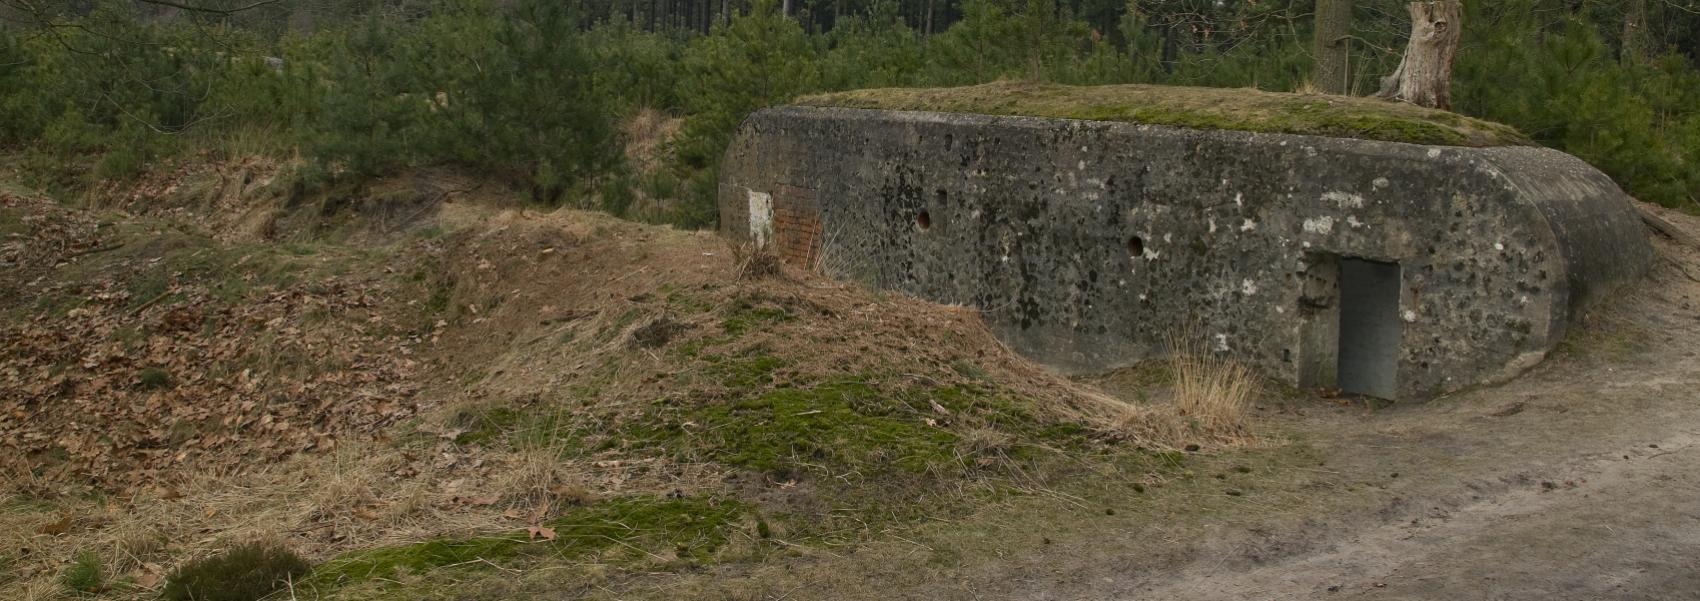 een bunker in het bos